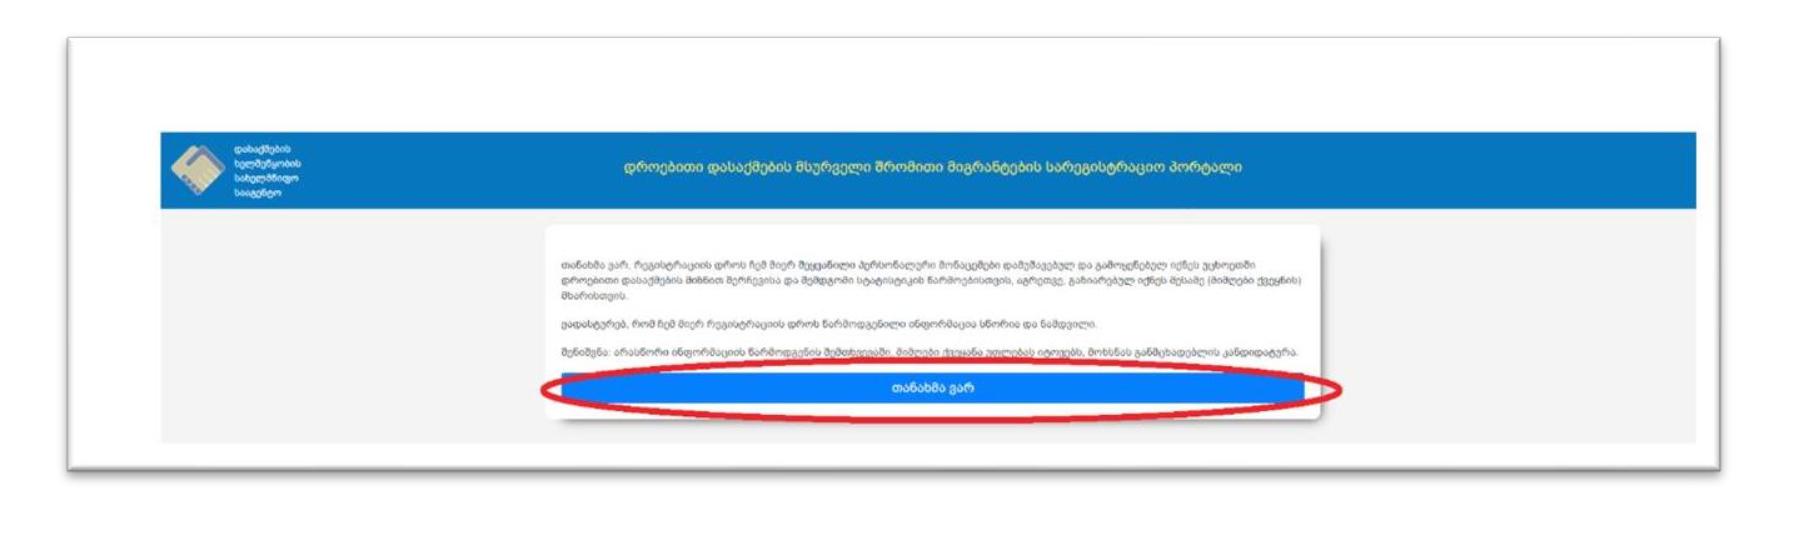 გერმანიაში დასაქმების პროგრამაში რეგისტრაციის დეტალური ინსტრუქცია